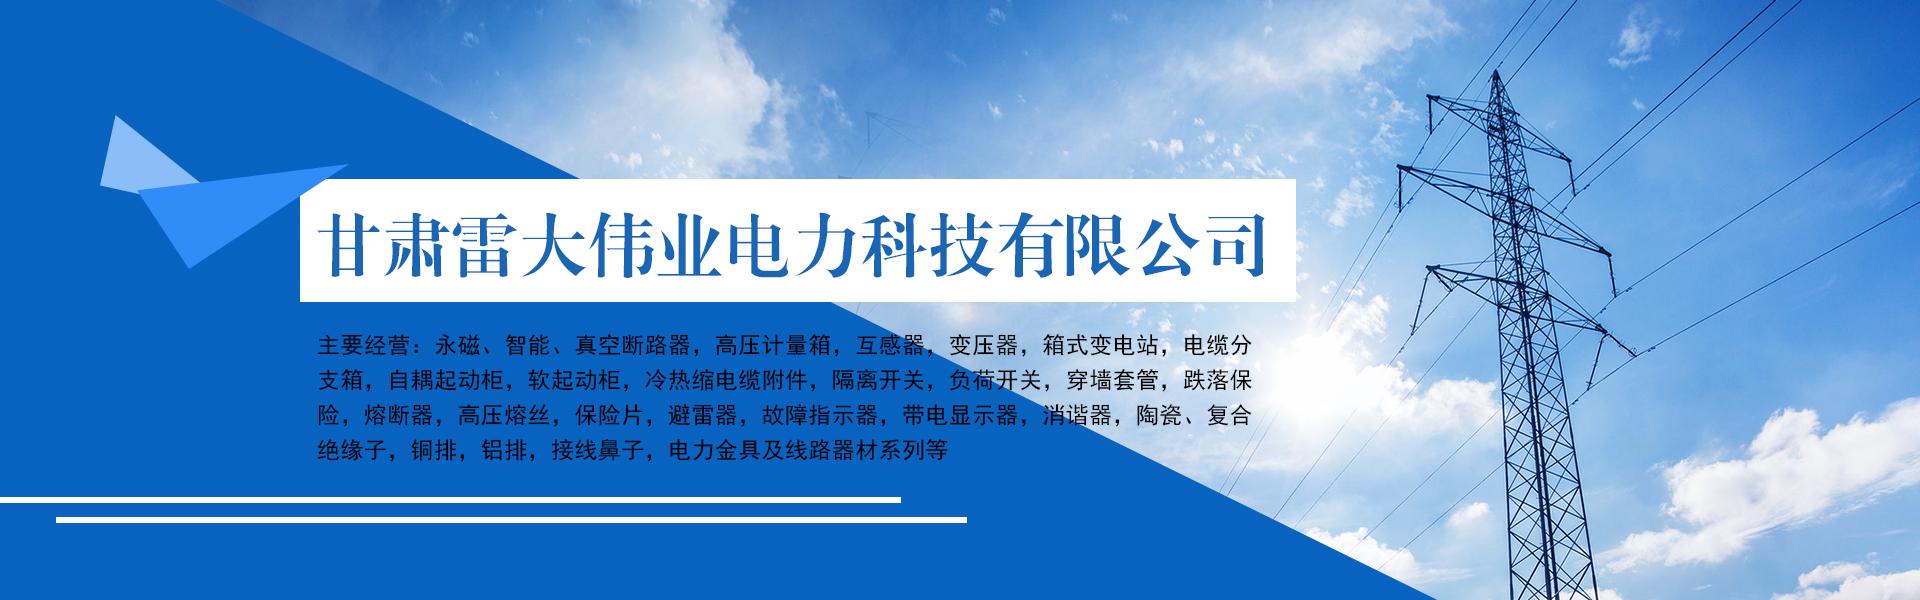 甘肃雷大鑫业电力设备有限公司